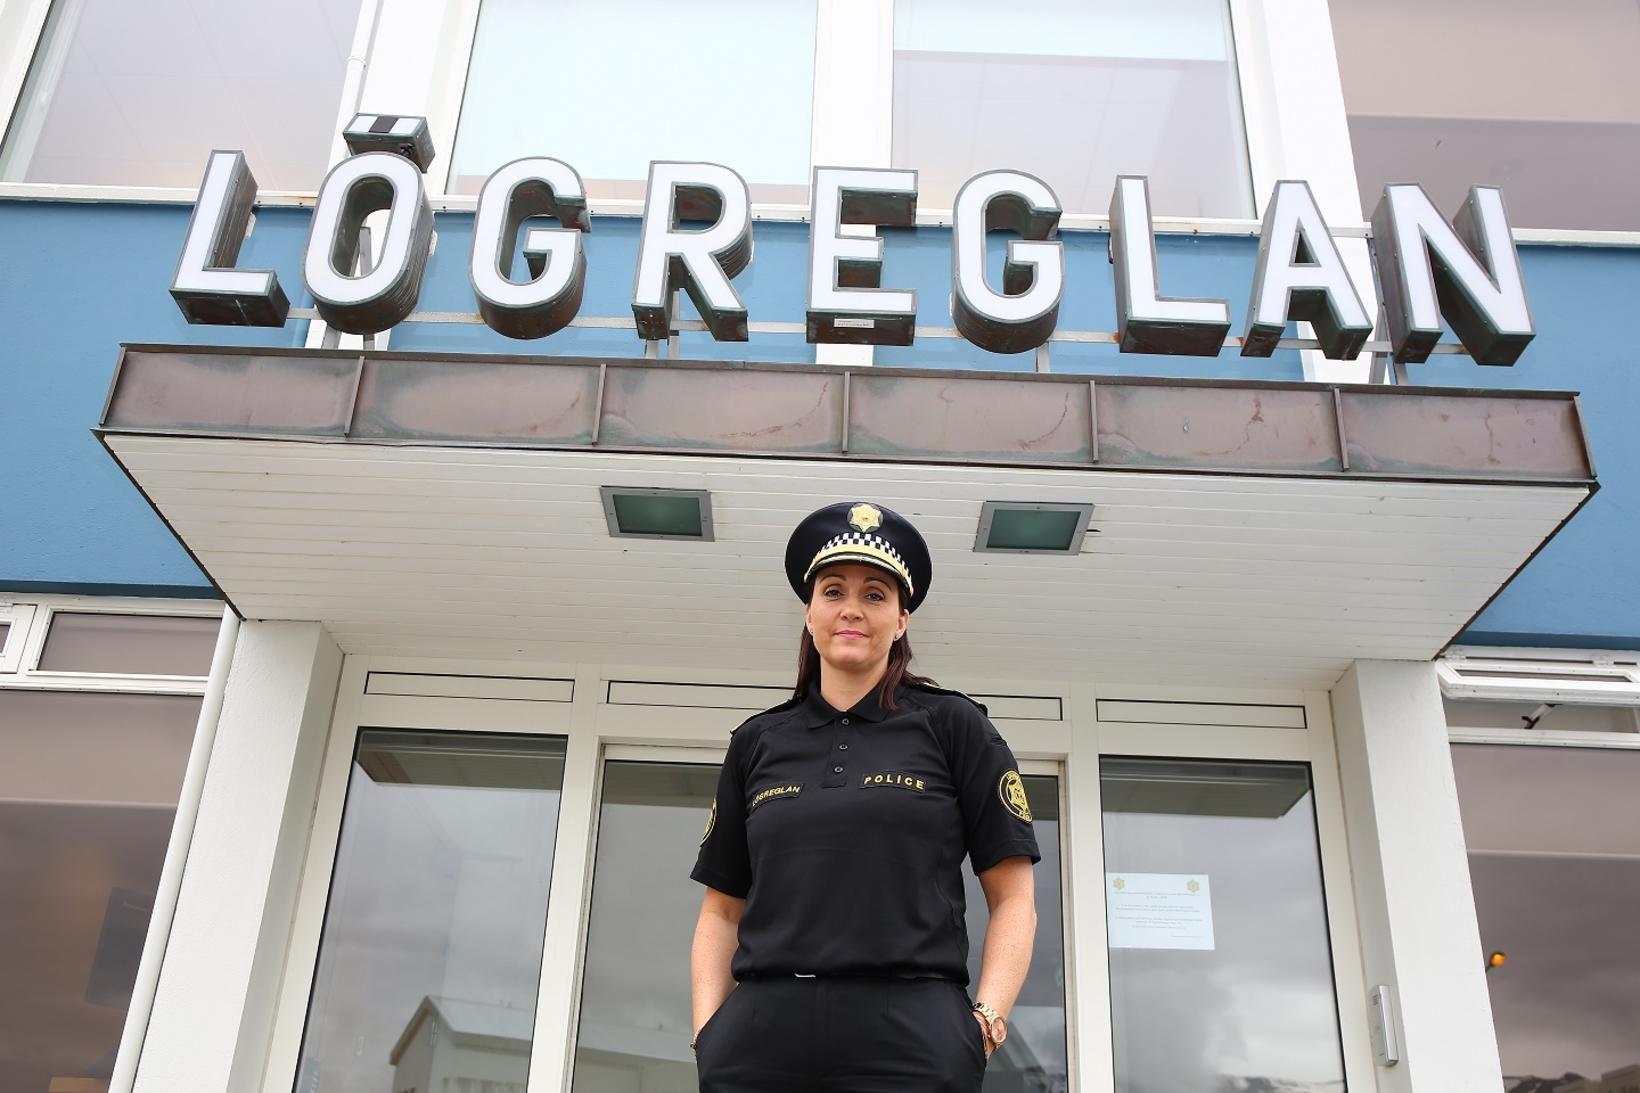 Páley Borgþórsdóttir lögreglustjóri Akureyri